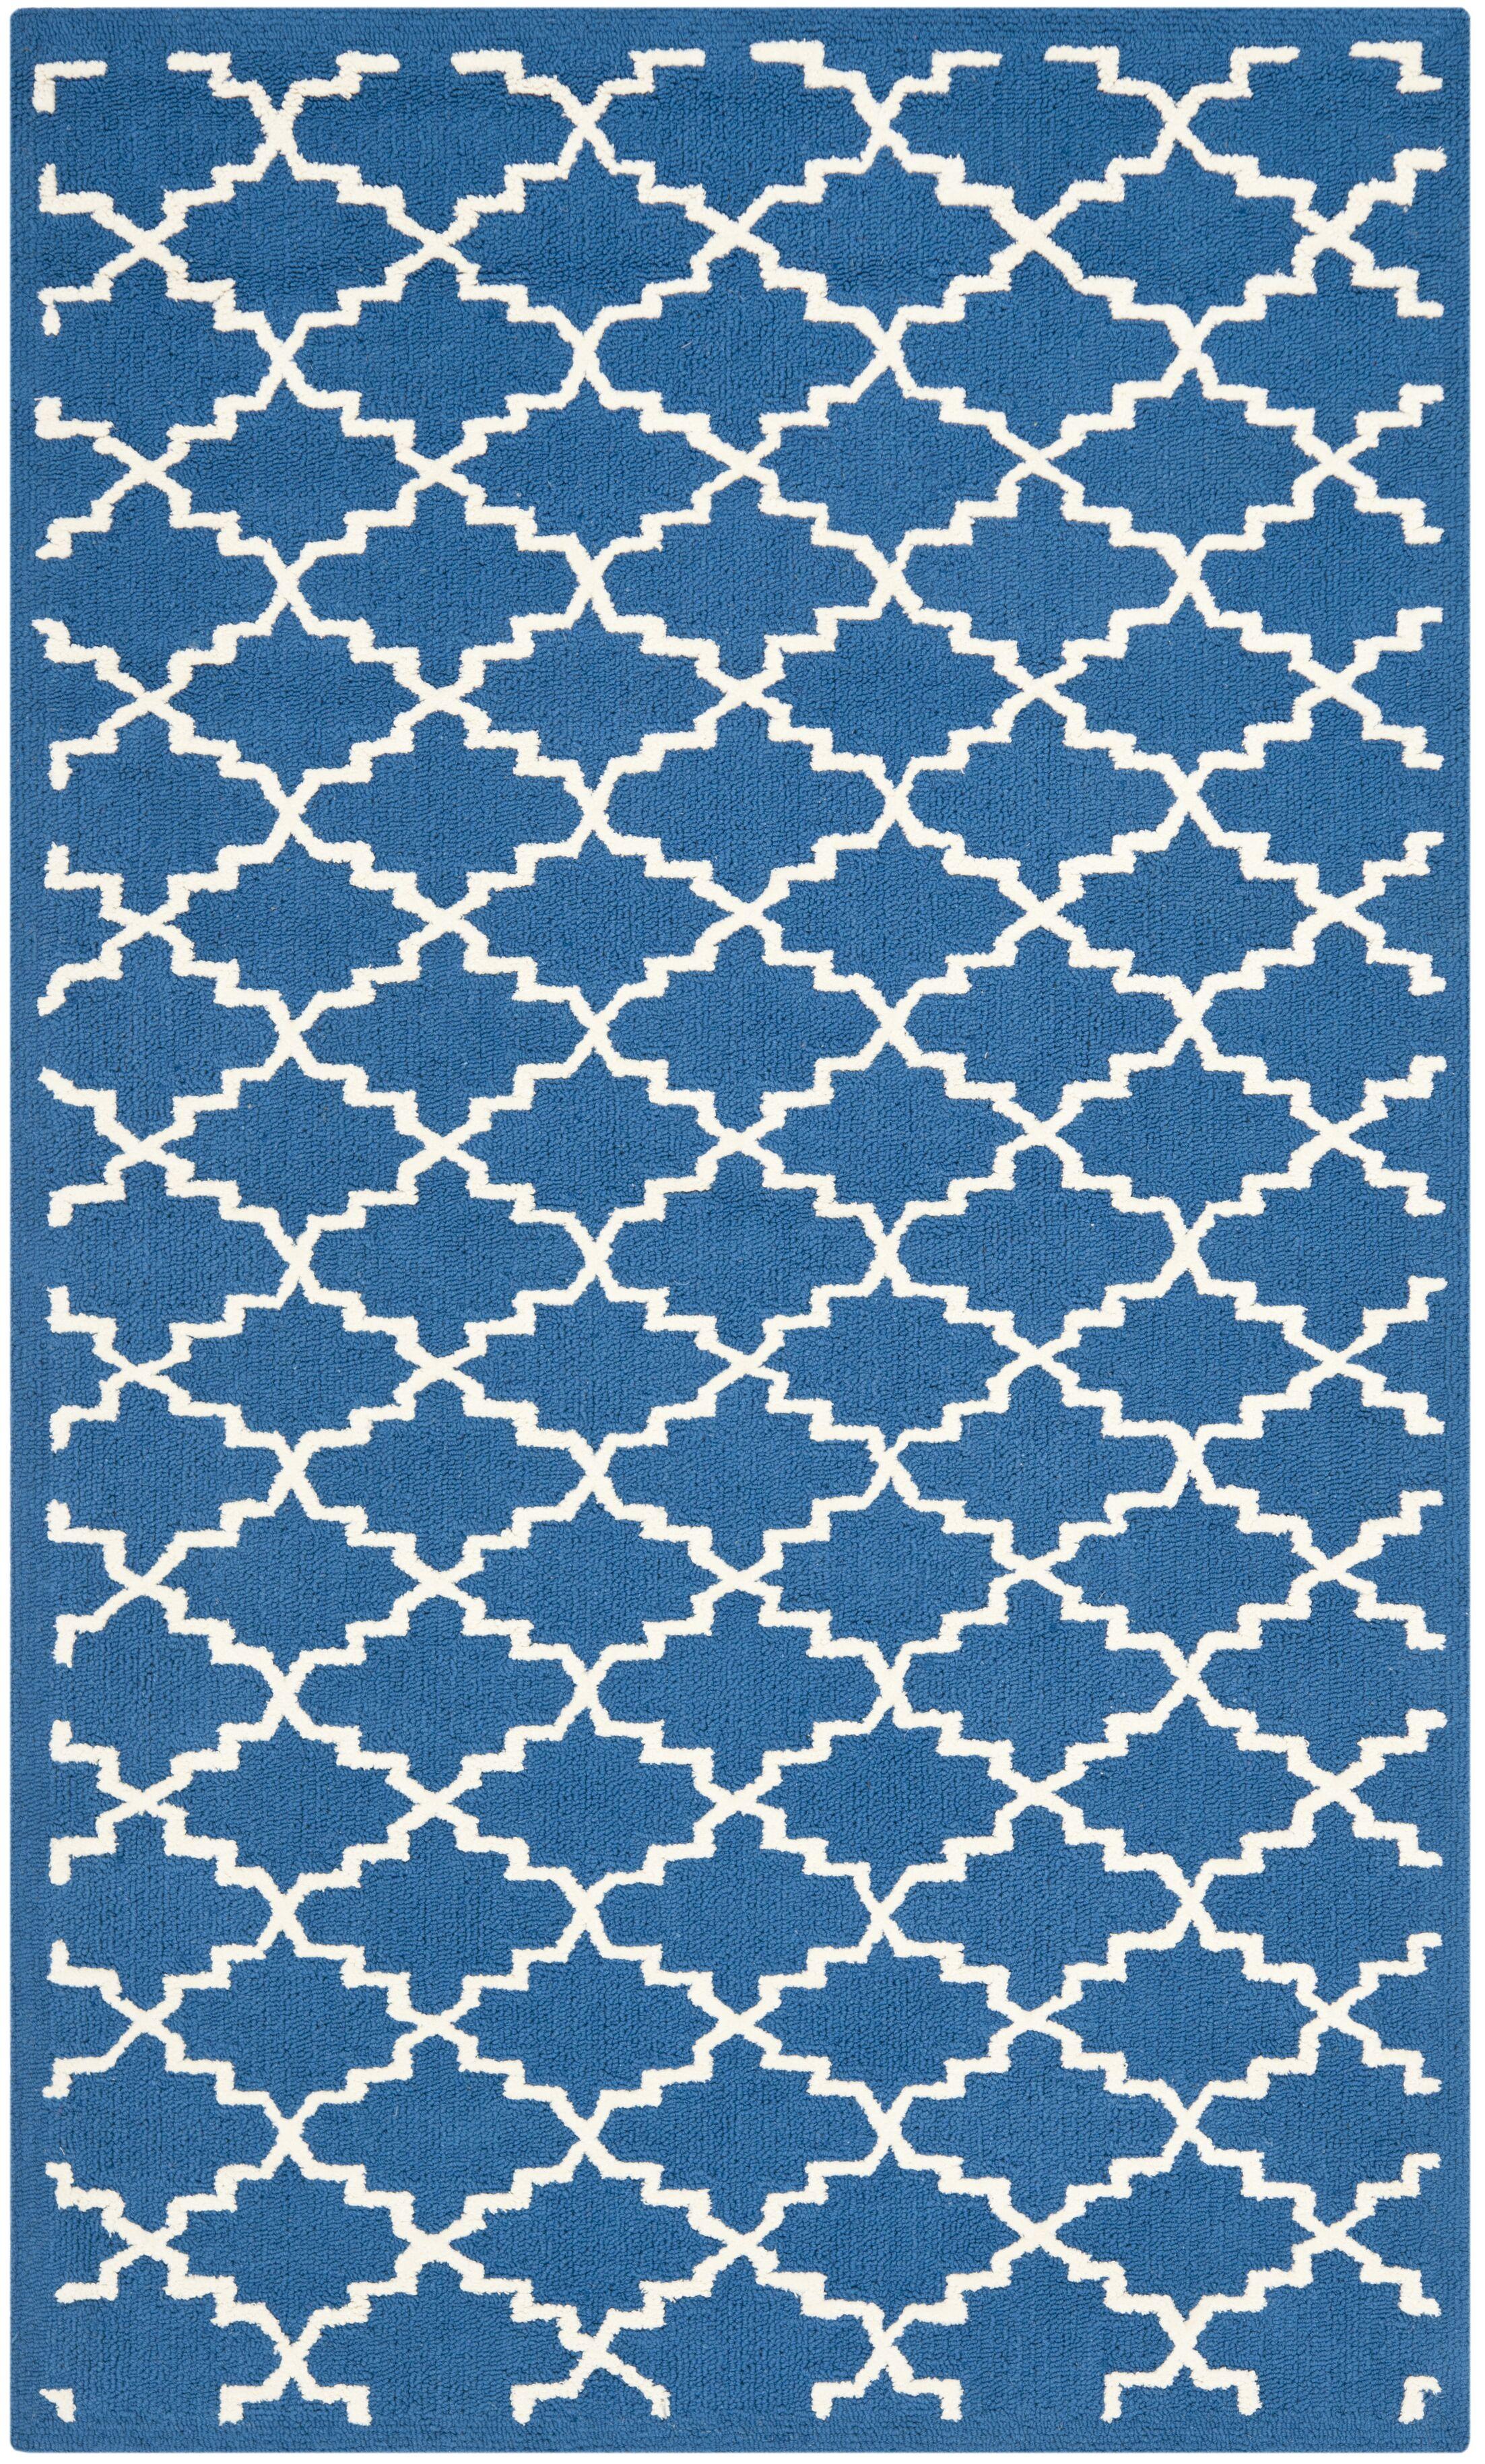 Fullerton Hand-Hooked Cotton Indigo/Ivory Area Rug Rug Size: Rectangle 3'9